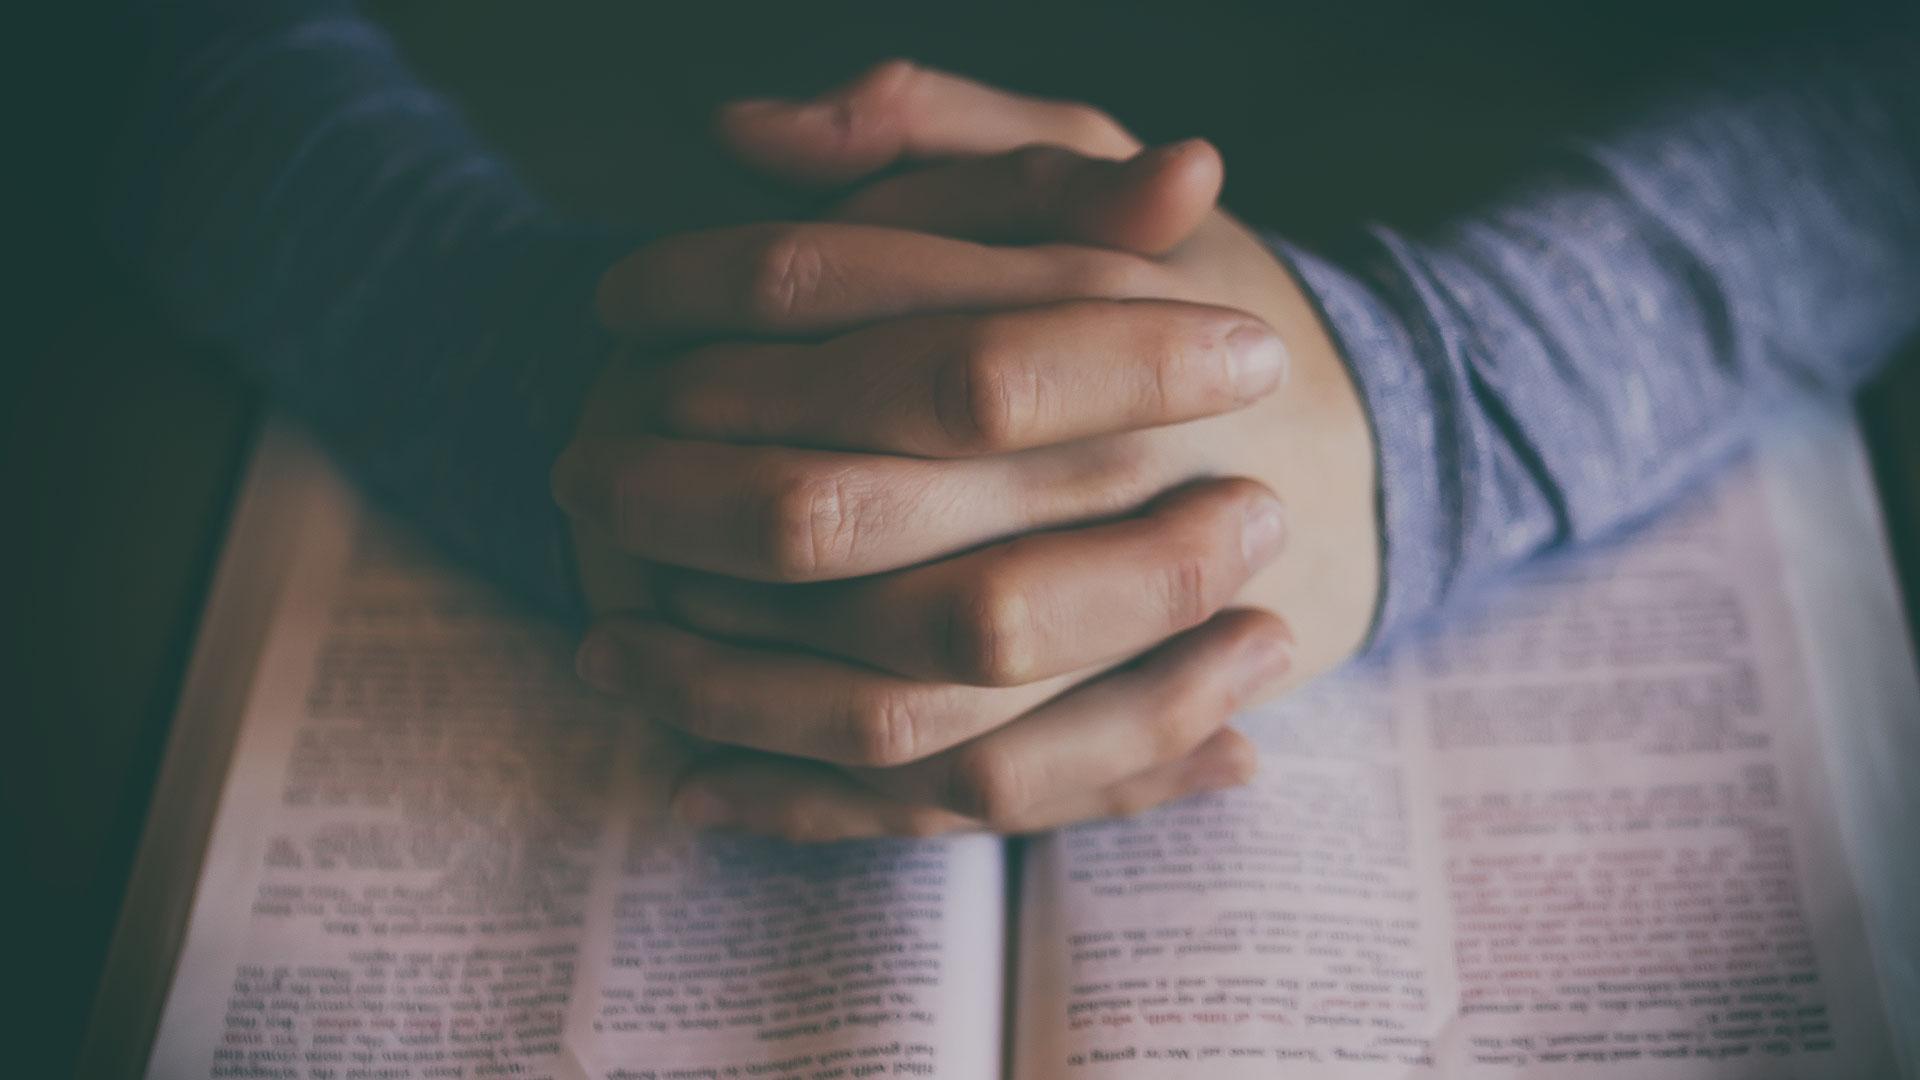 ¿Qué dice la Biblia que debemos hacer en tiempos de sufrimiento extremo? - Parte 2